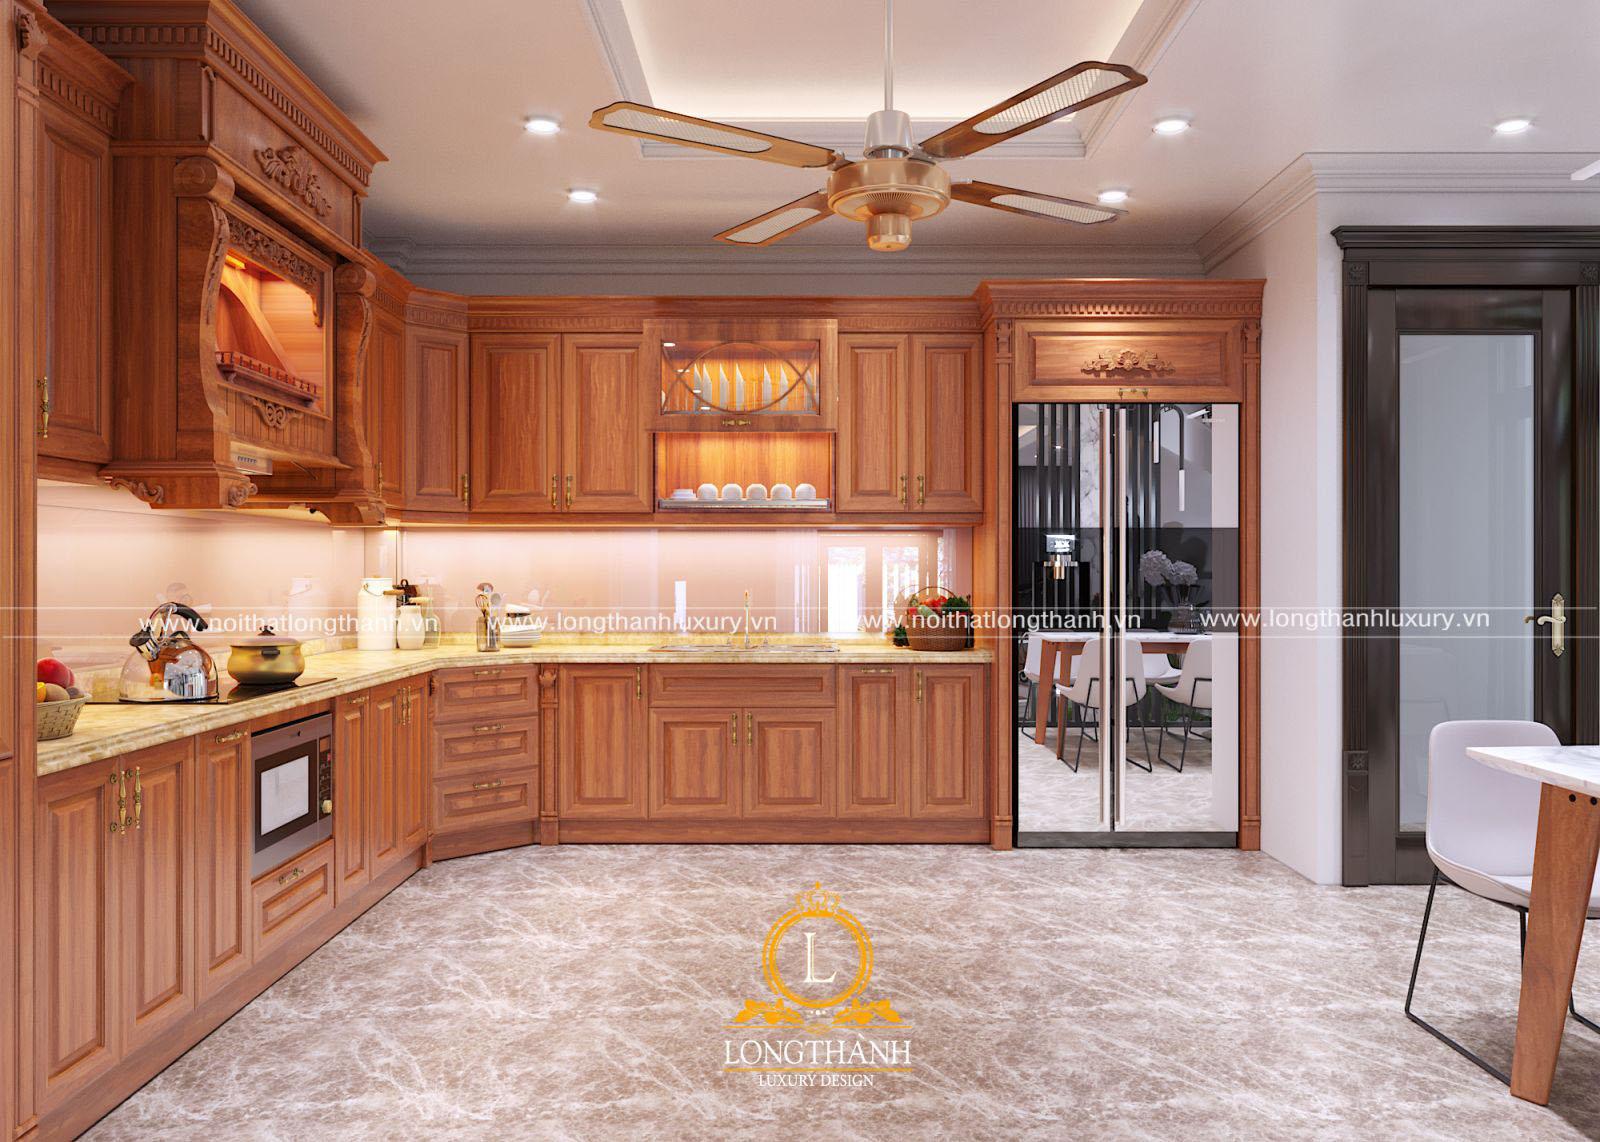 Giá thành tủ bếp gỗ sồi mỹ không quá đắt so với mặt bằng chung